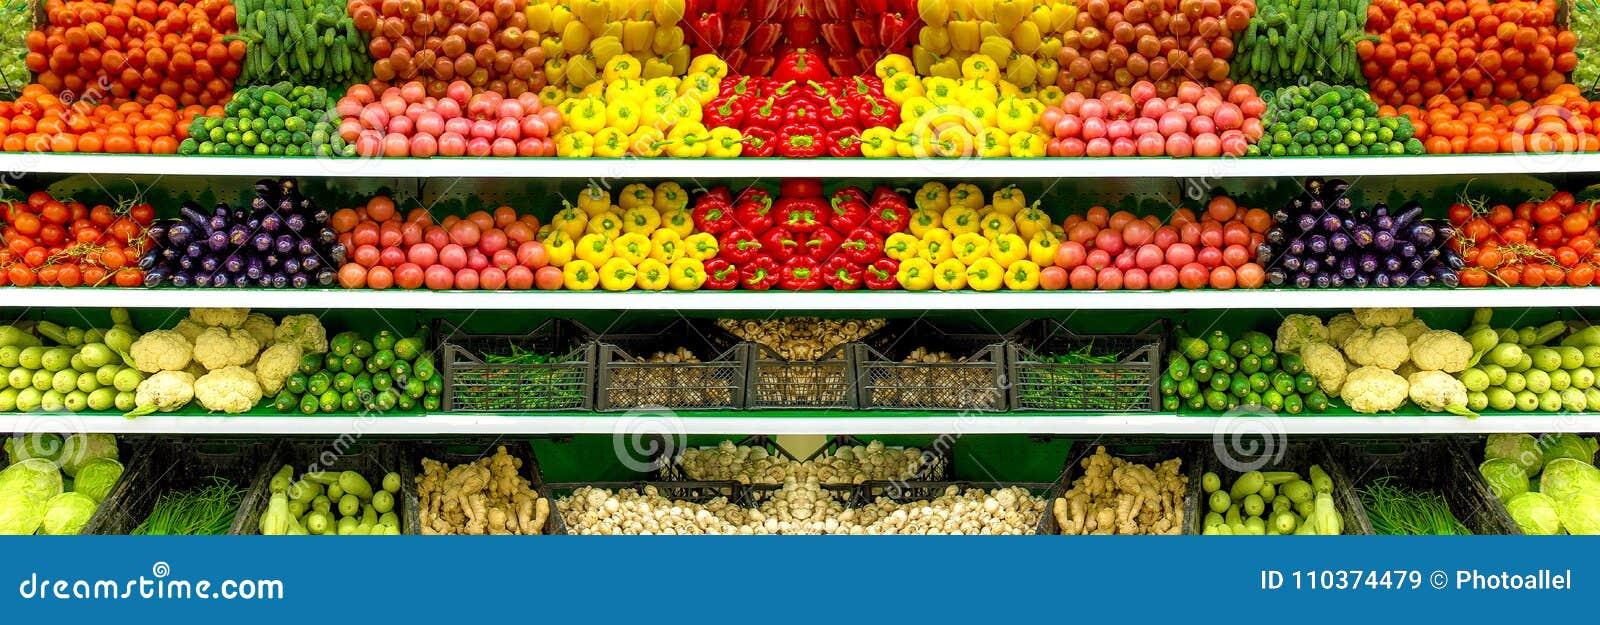 Φρέσκα οργανικά λαχανικά και φρούτα στο ράφι στην υπεραγορά, αγορά αγροτών τρόφιμα έννοιας υγιή Βιταμίνες και ανόργανα άλατα Ντομ